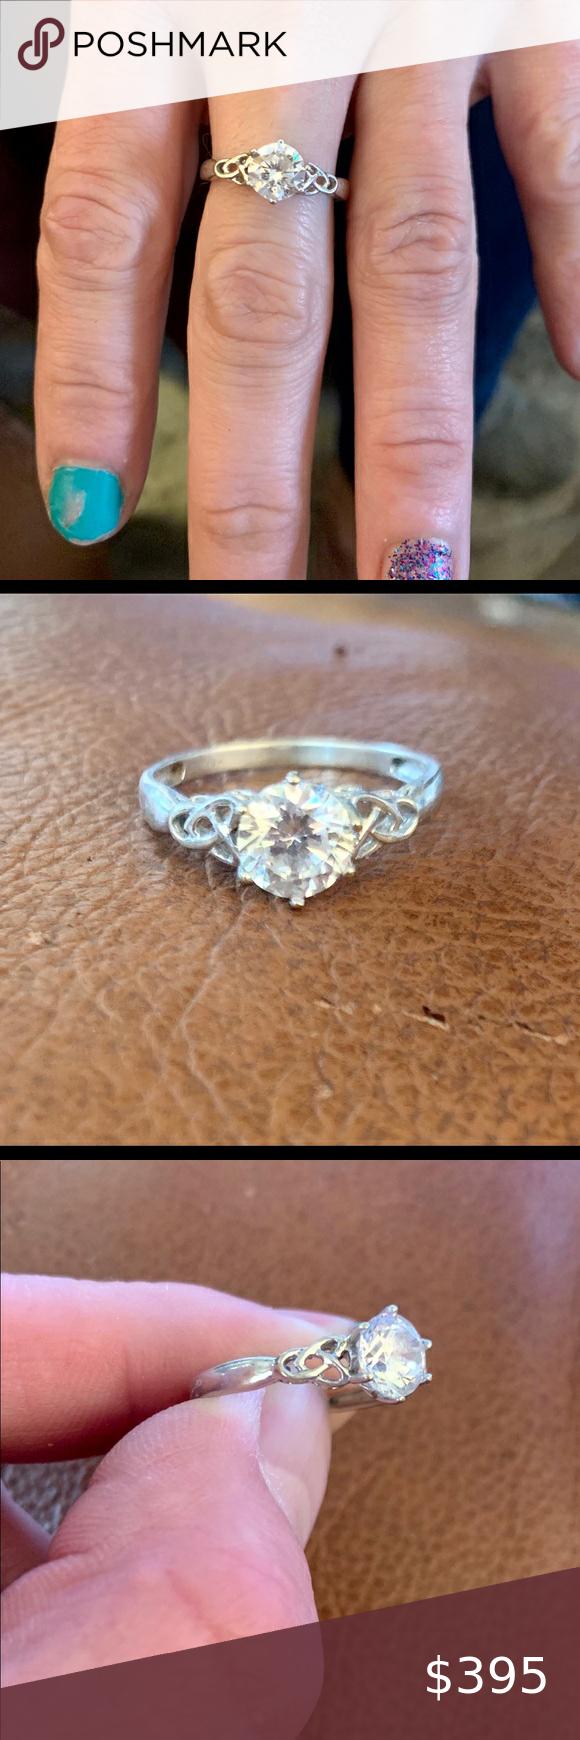 MASSIVE 14kt Moissanite 2ctw+ Gold Engagement Ring in 2020 ...